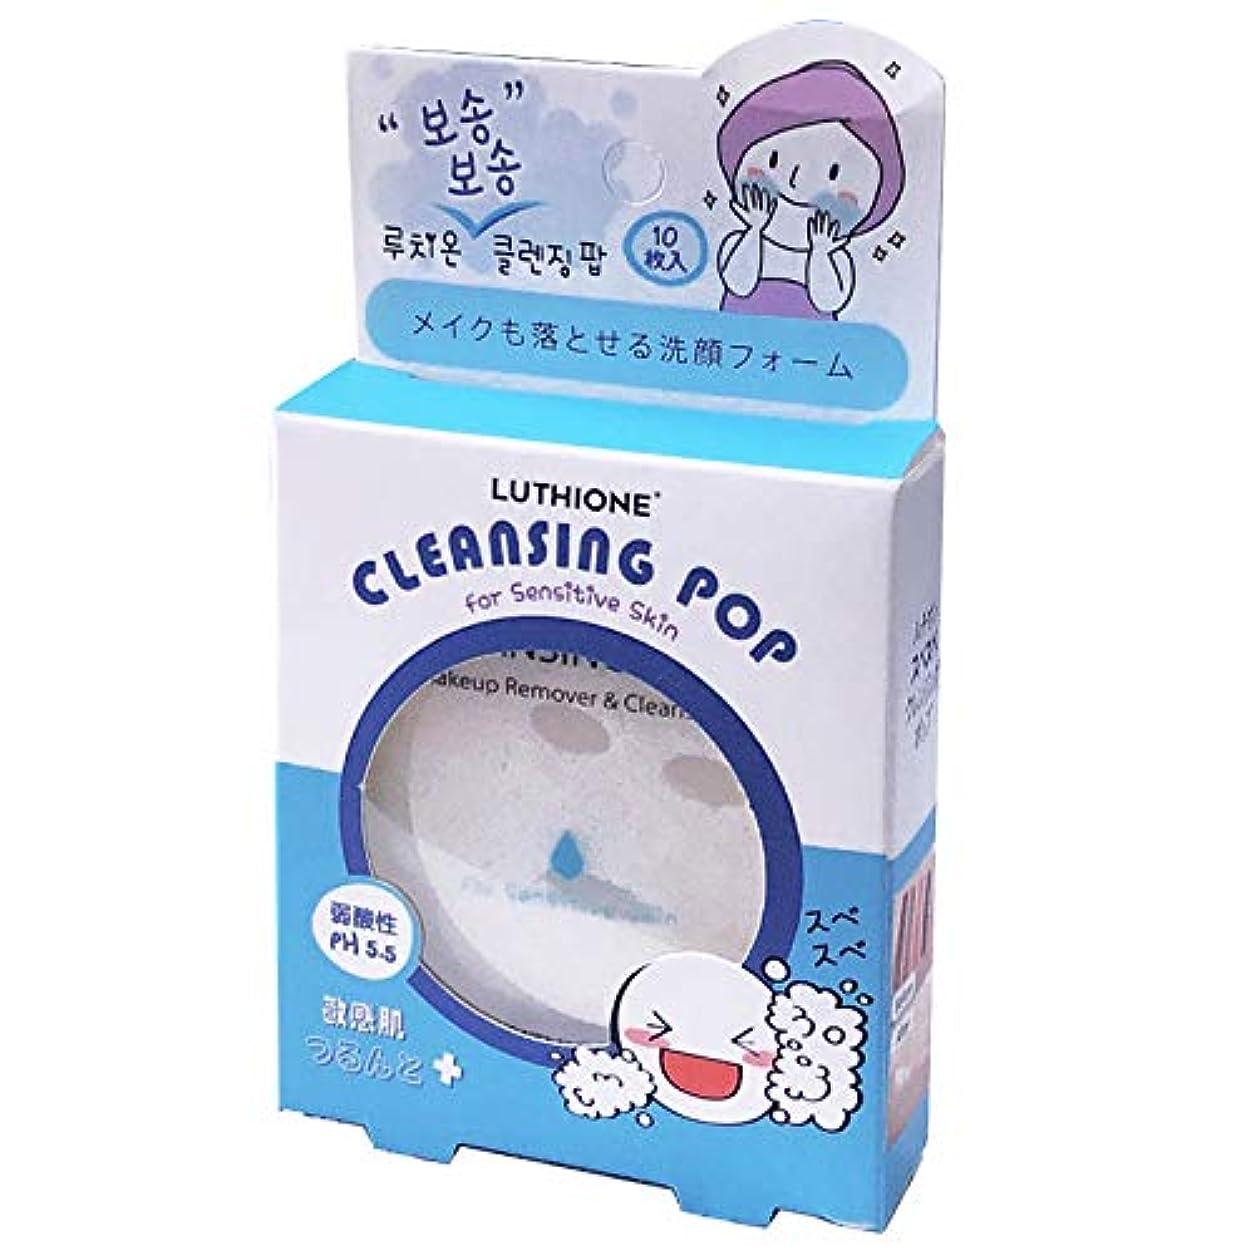 反対確かめるサラダ【まとめ買い】ルチオン クレンジングポップ (LUTHIONE CLEANSING POP) 敏感肌 10枚入り ×10個